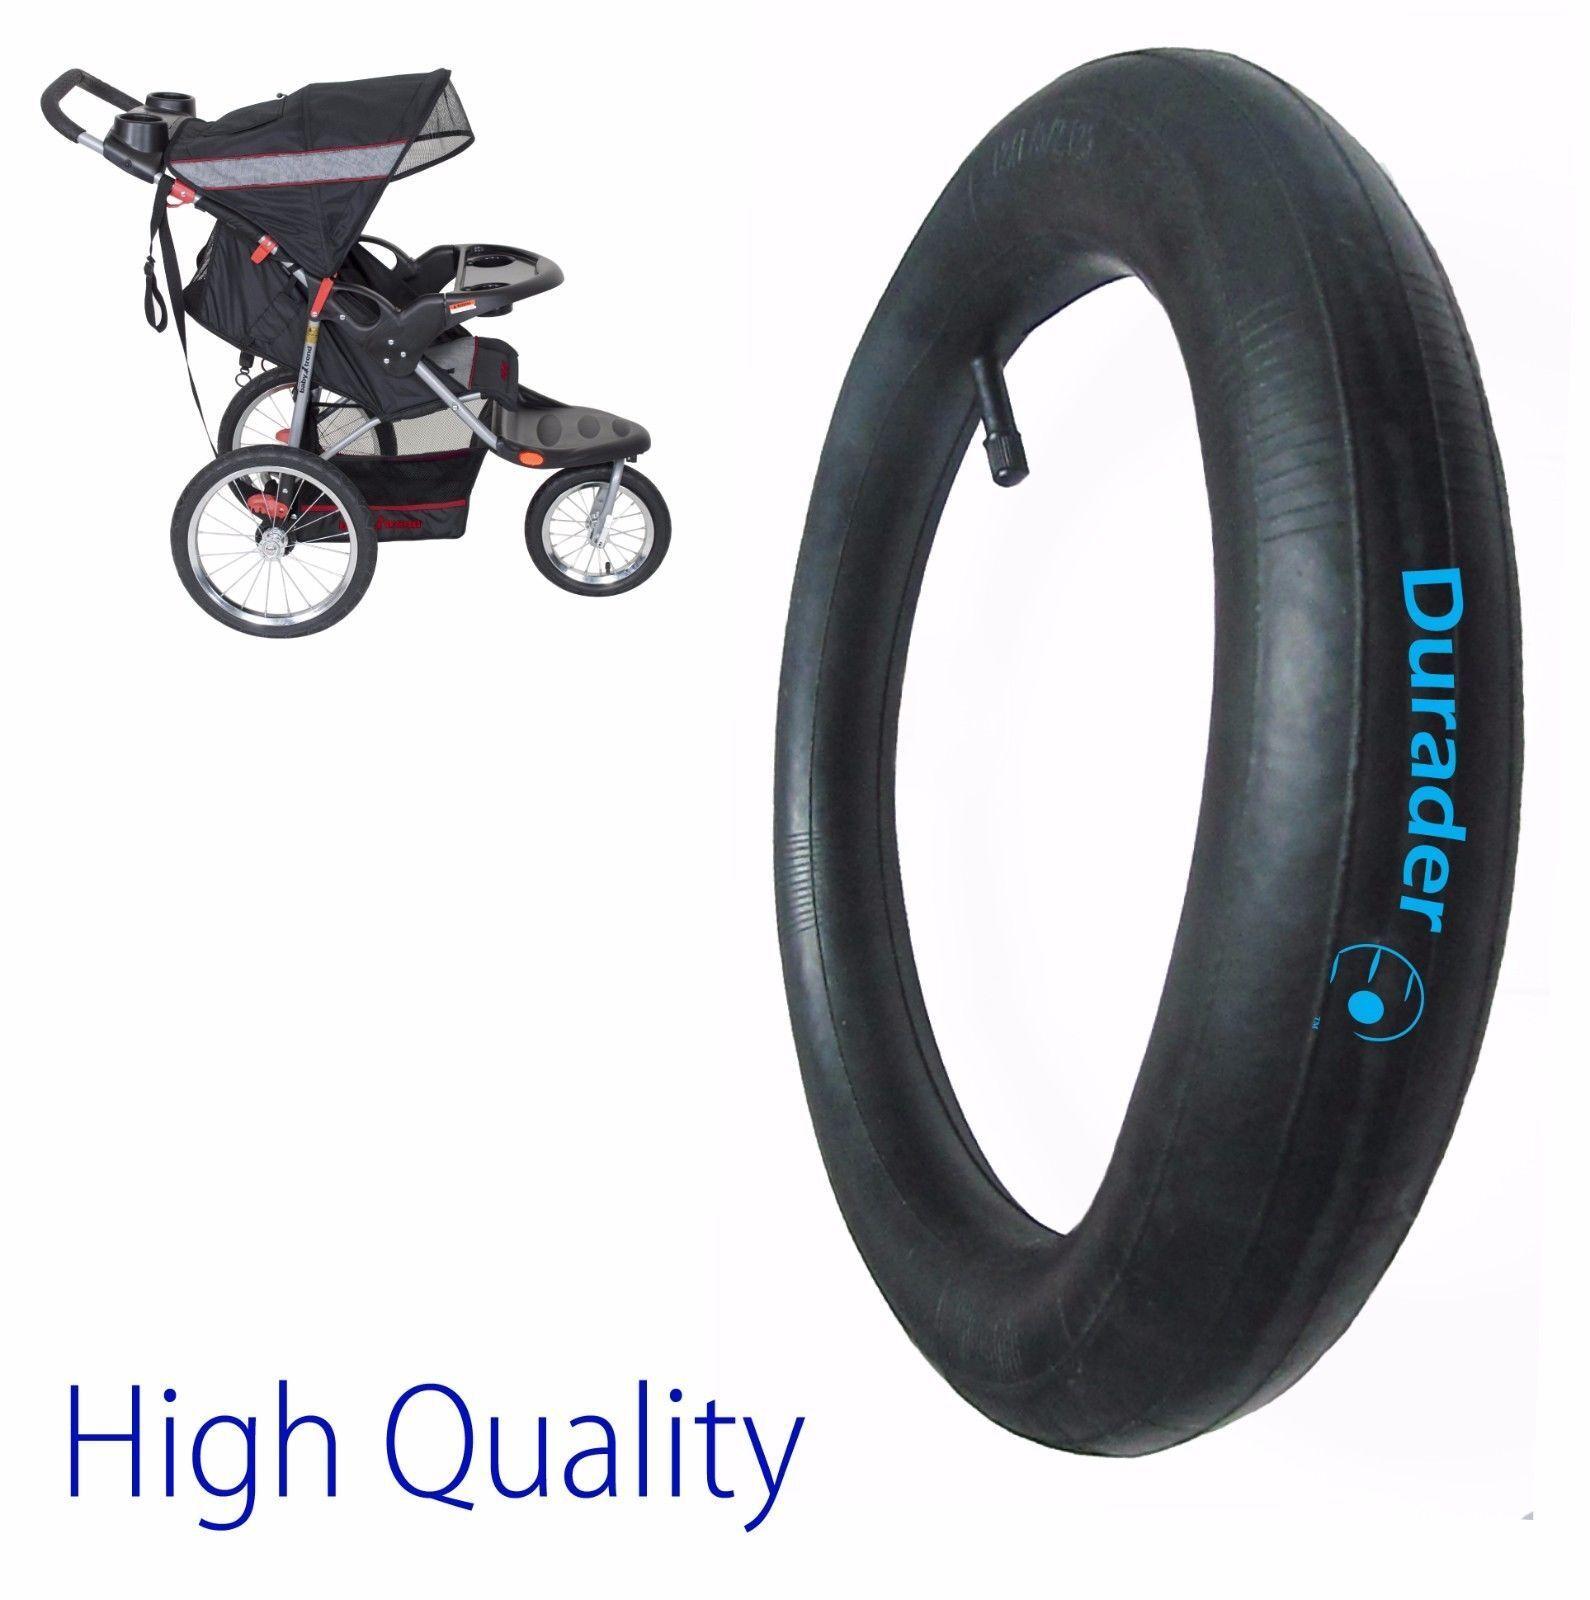 Baby Trend Stroller inner tube for front wheel Toddler Child